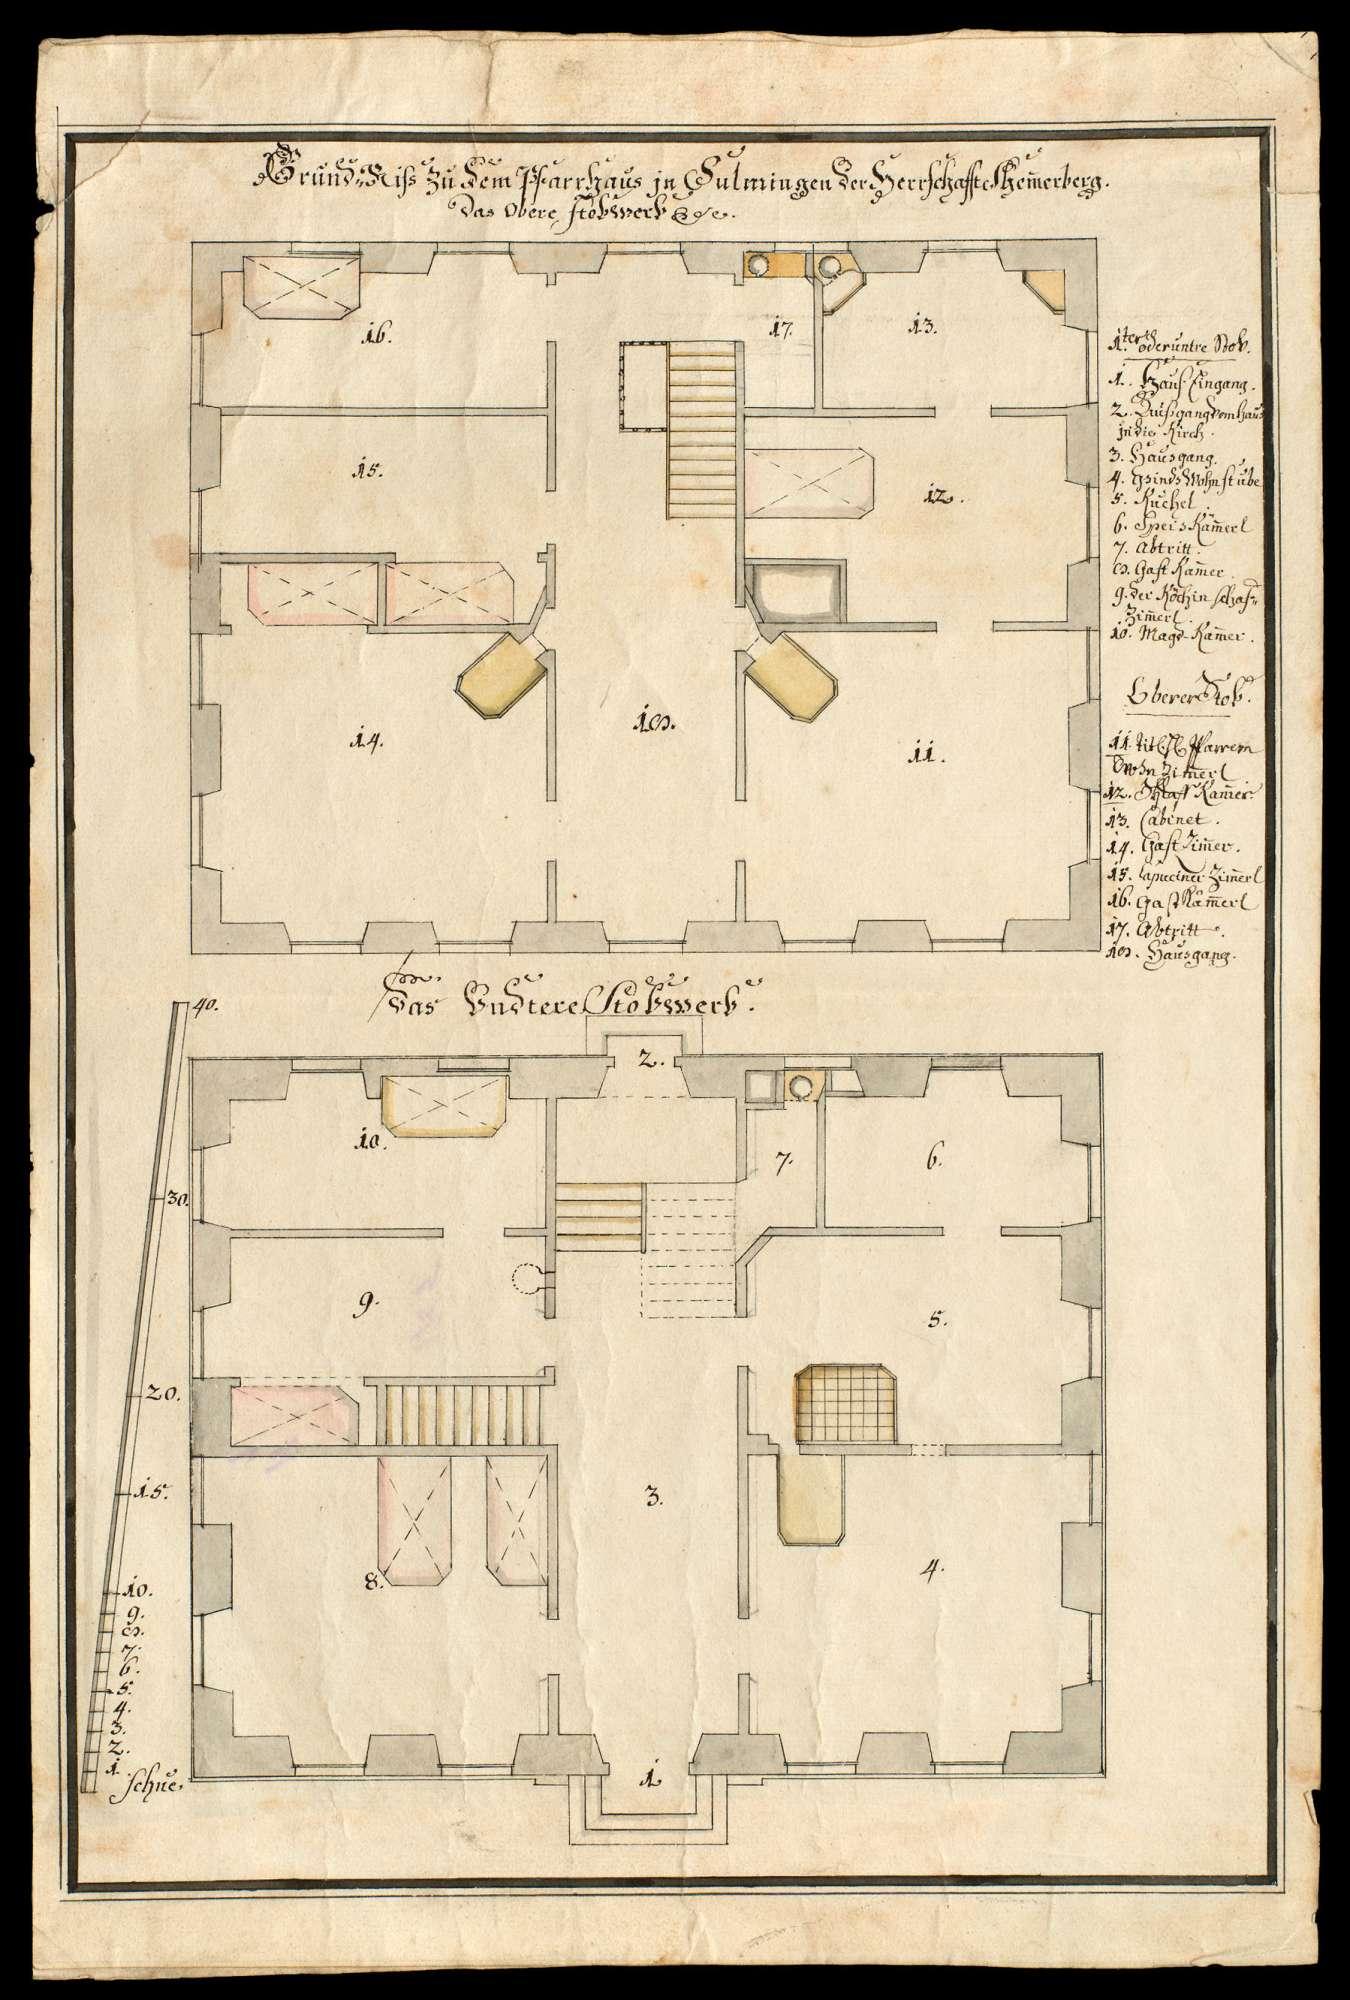 Grundriss zu dem Pfarrhaus in Sulmingen (Oberamt Laupheim) in der Salemer Herrschaft Schemmerberg, Bild 1